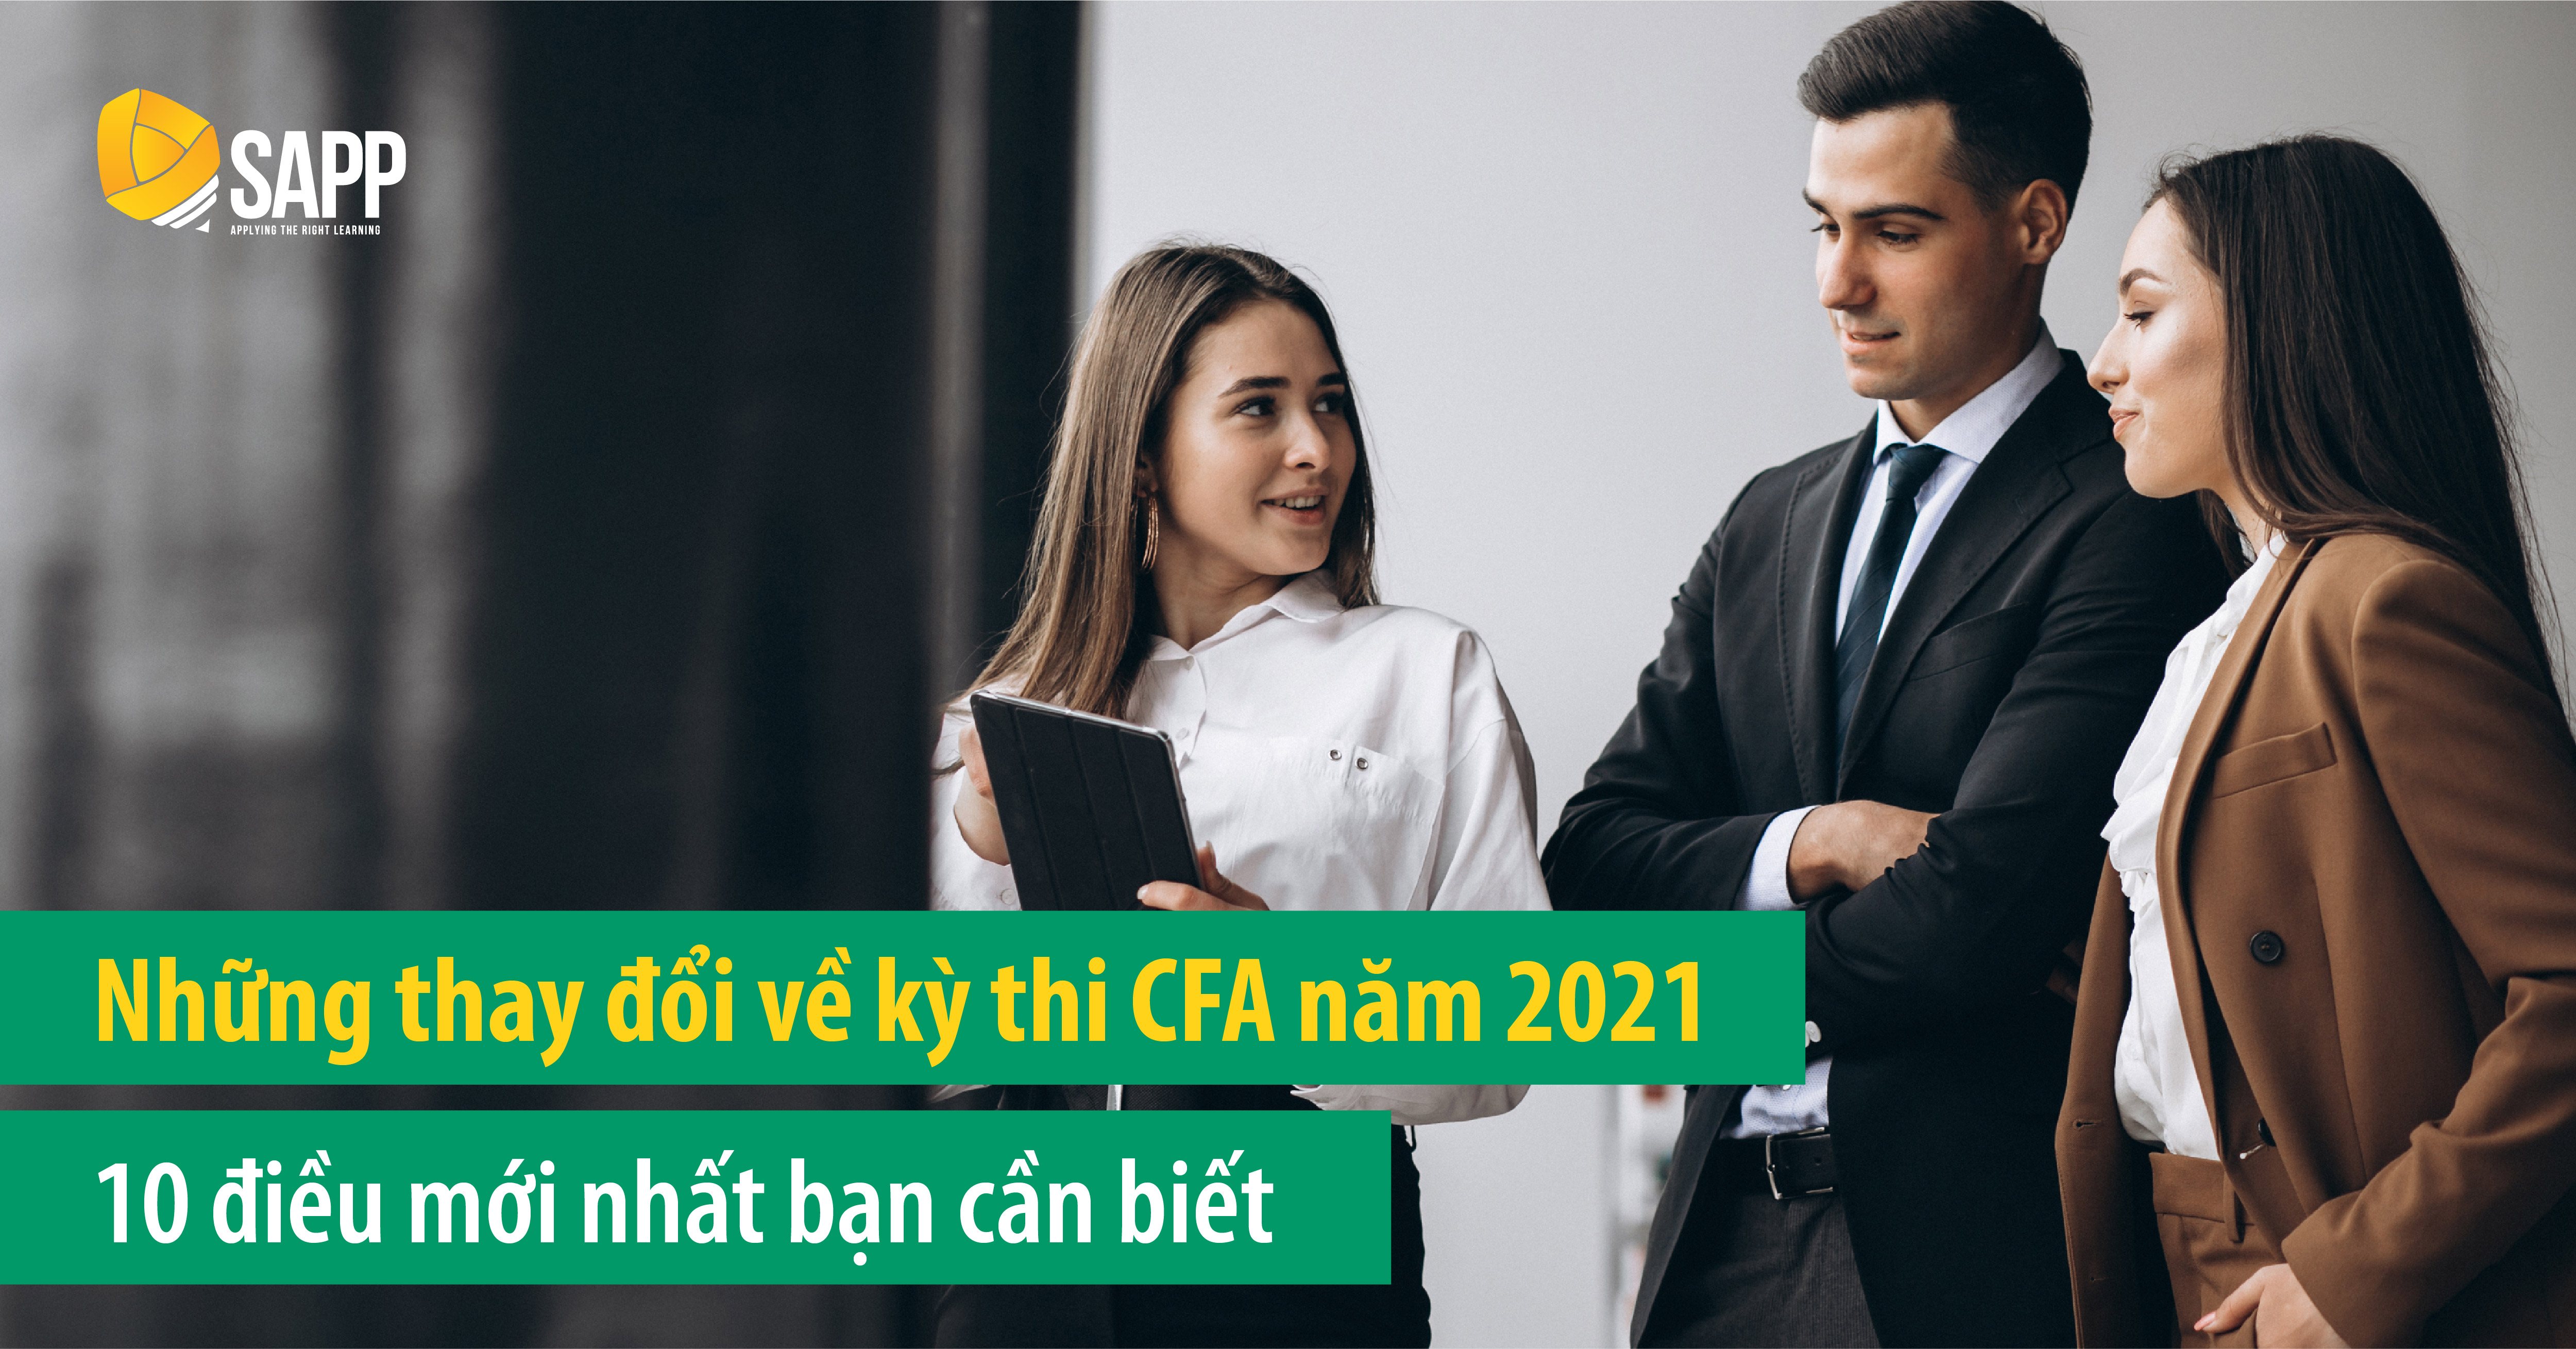 Những thay đổi về kỳ thi CFA năm 2021: 10 điều mới nhất bạn cần biết